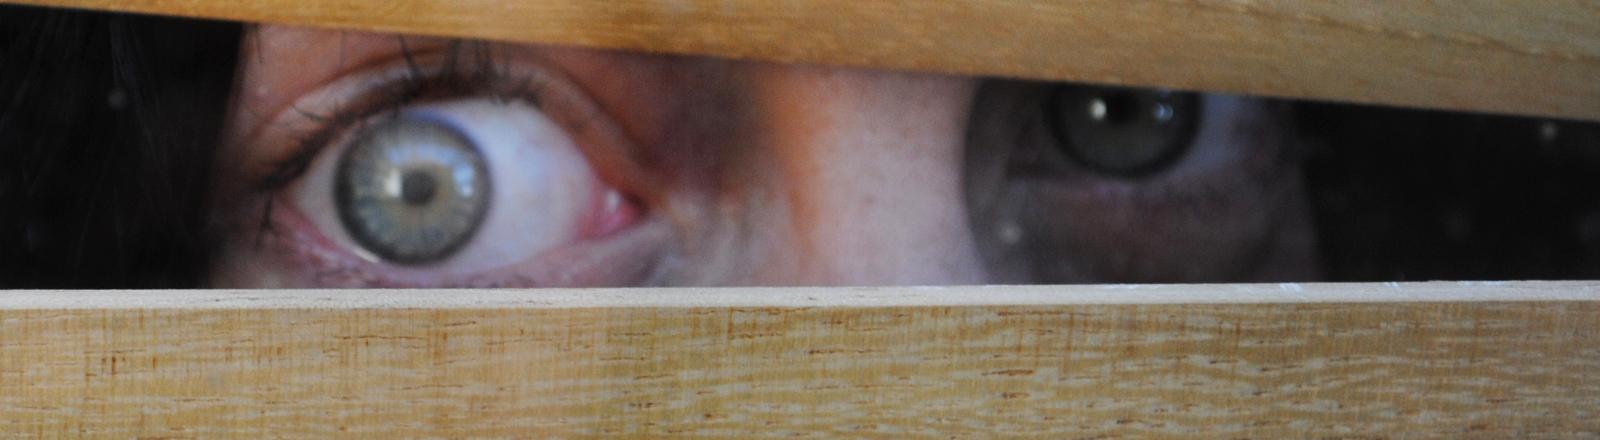 Eine Frau schaut mit weit aufgerissenem Auge zwischen zwei Holzlatten hindurch.